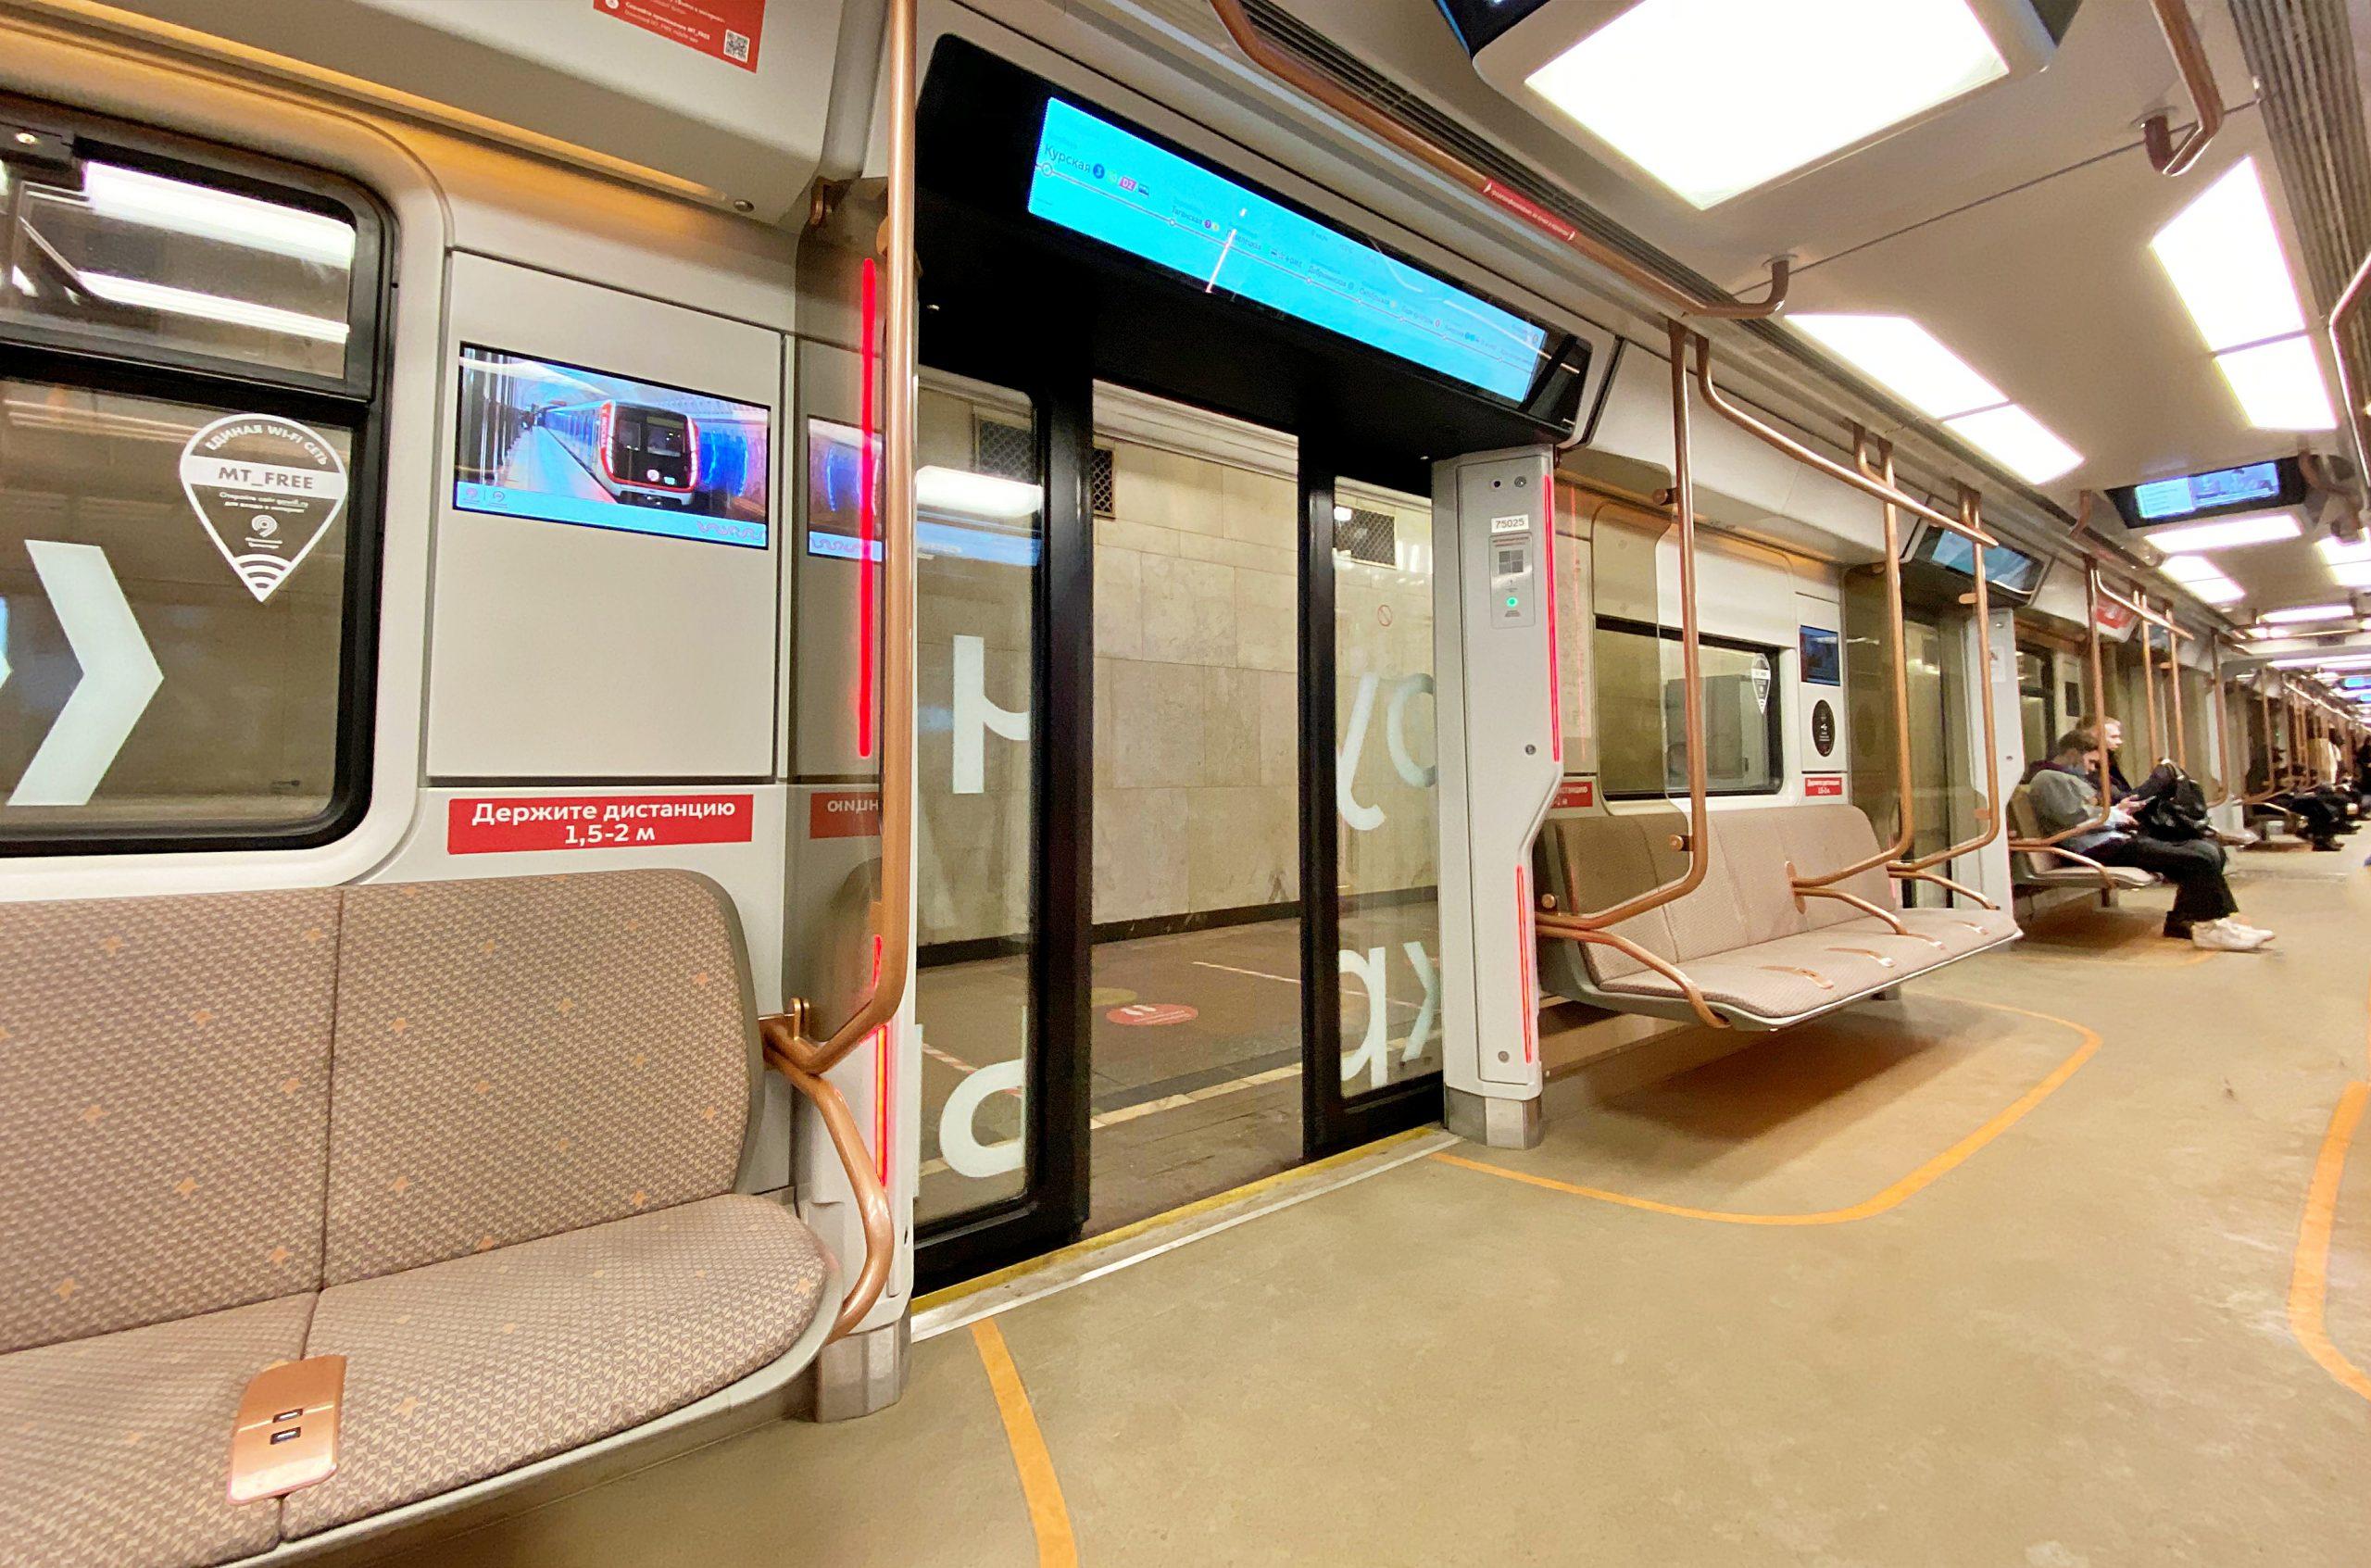 Парк вагонов столичной подземки обновится на 80 процентов до конца 2023 года